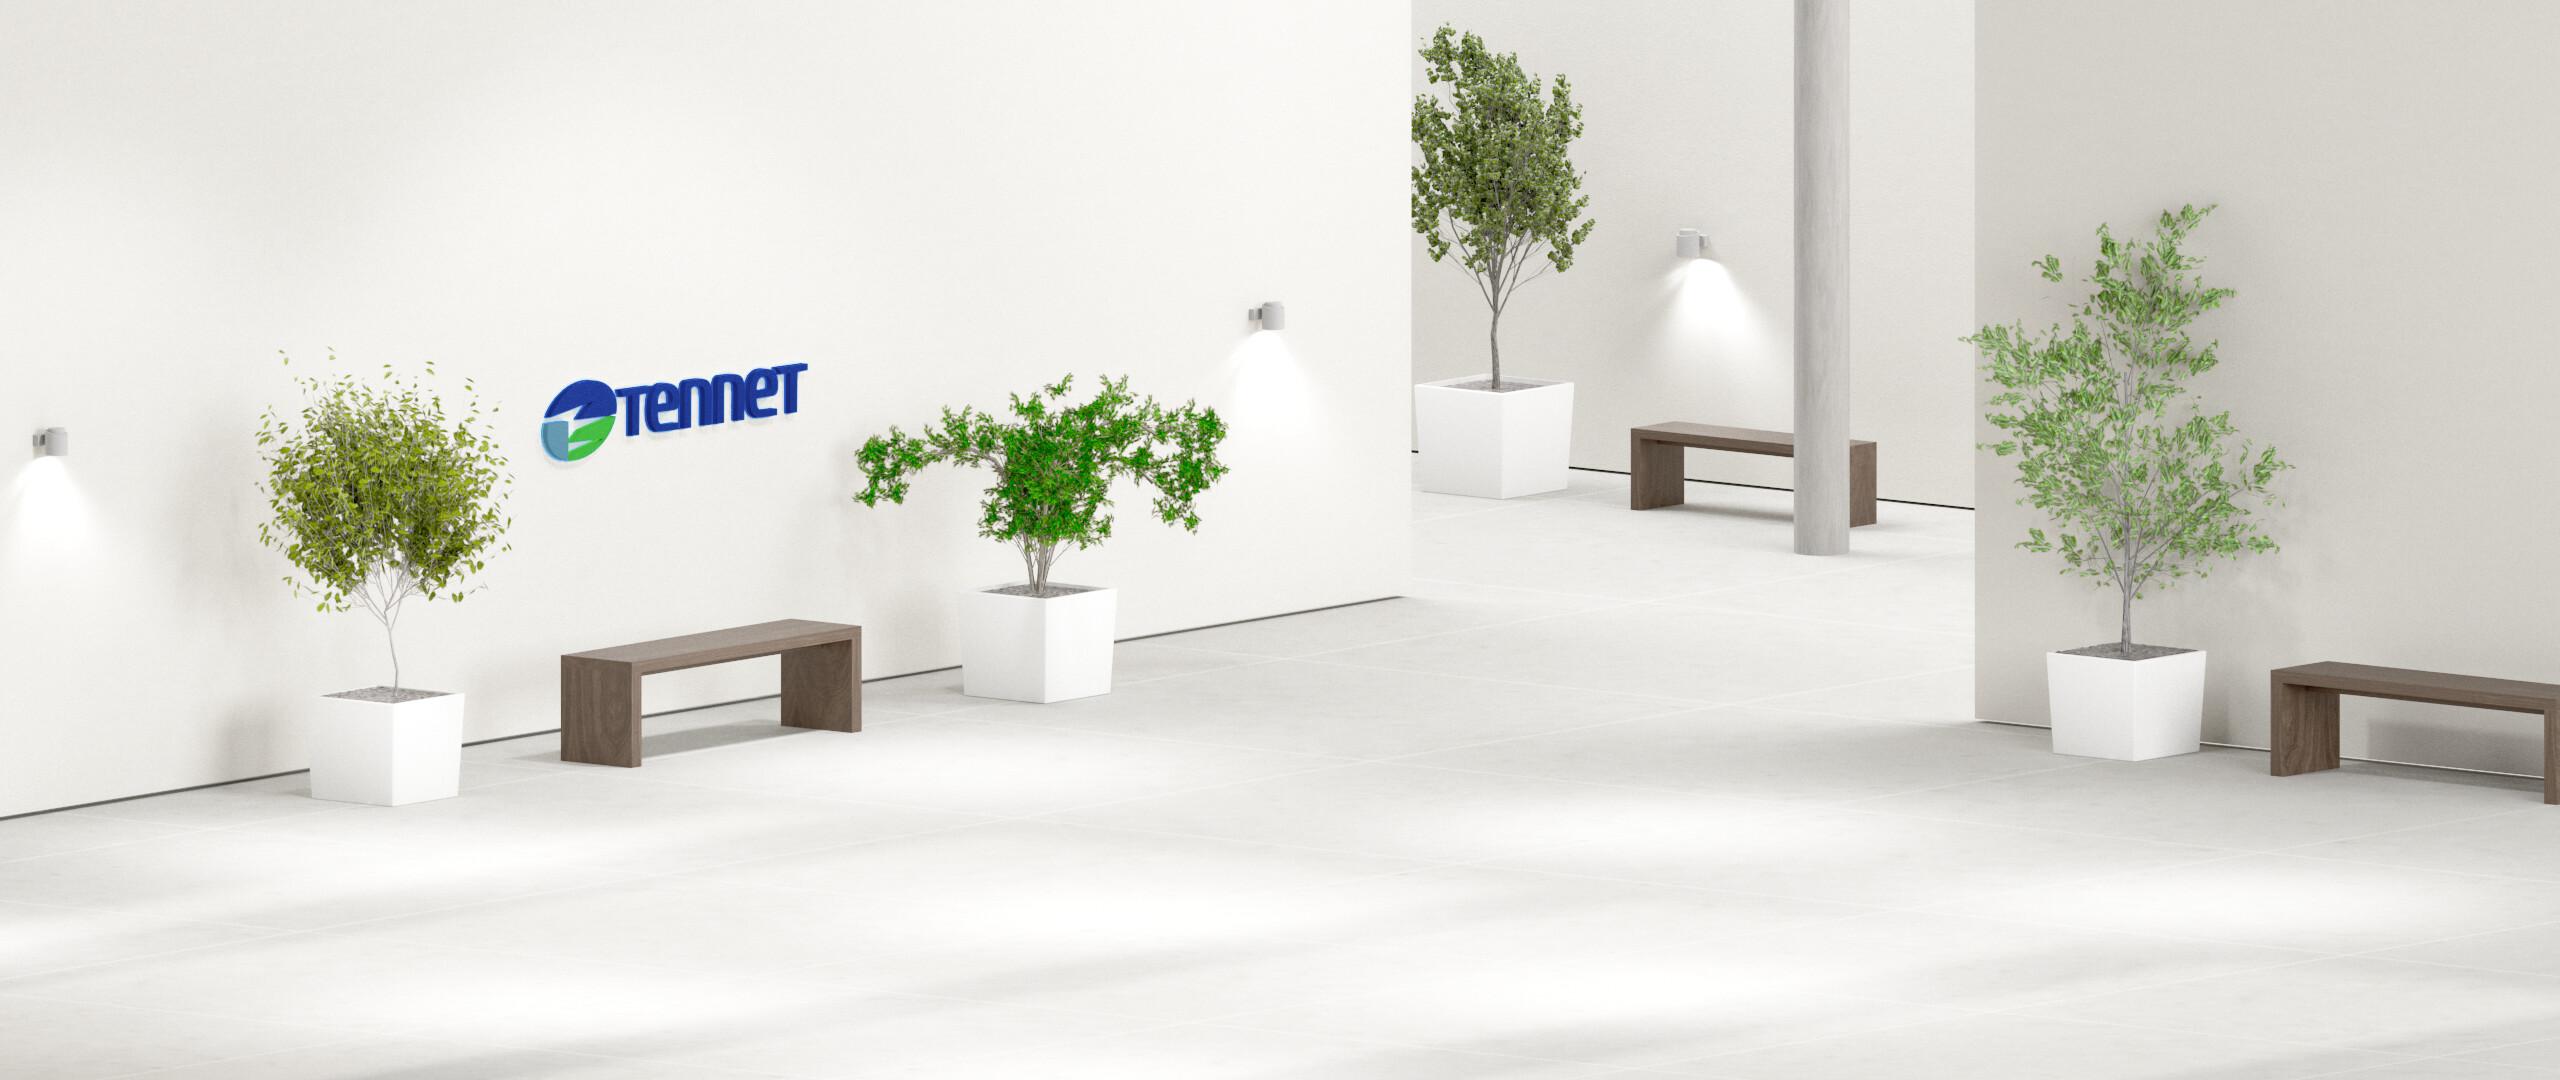 Hintergrund des Infomarktes, Raum mit Bäumen und TenneT-Logo an der Wand